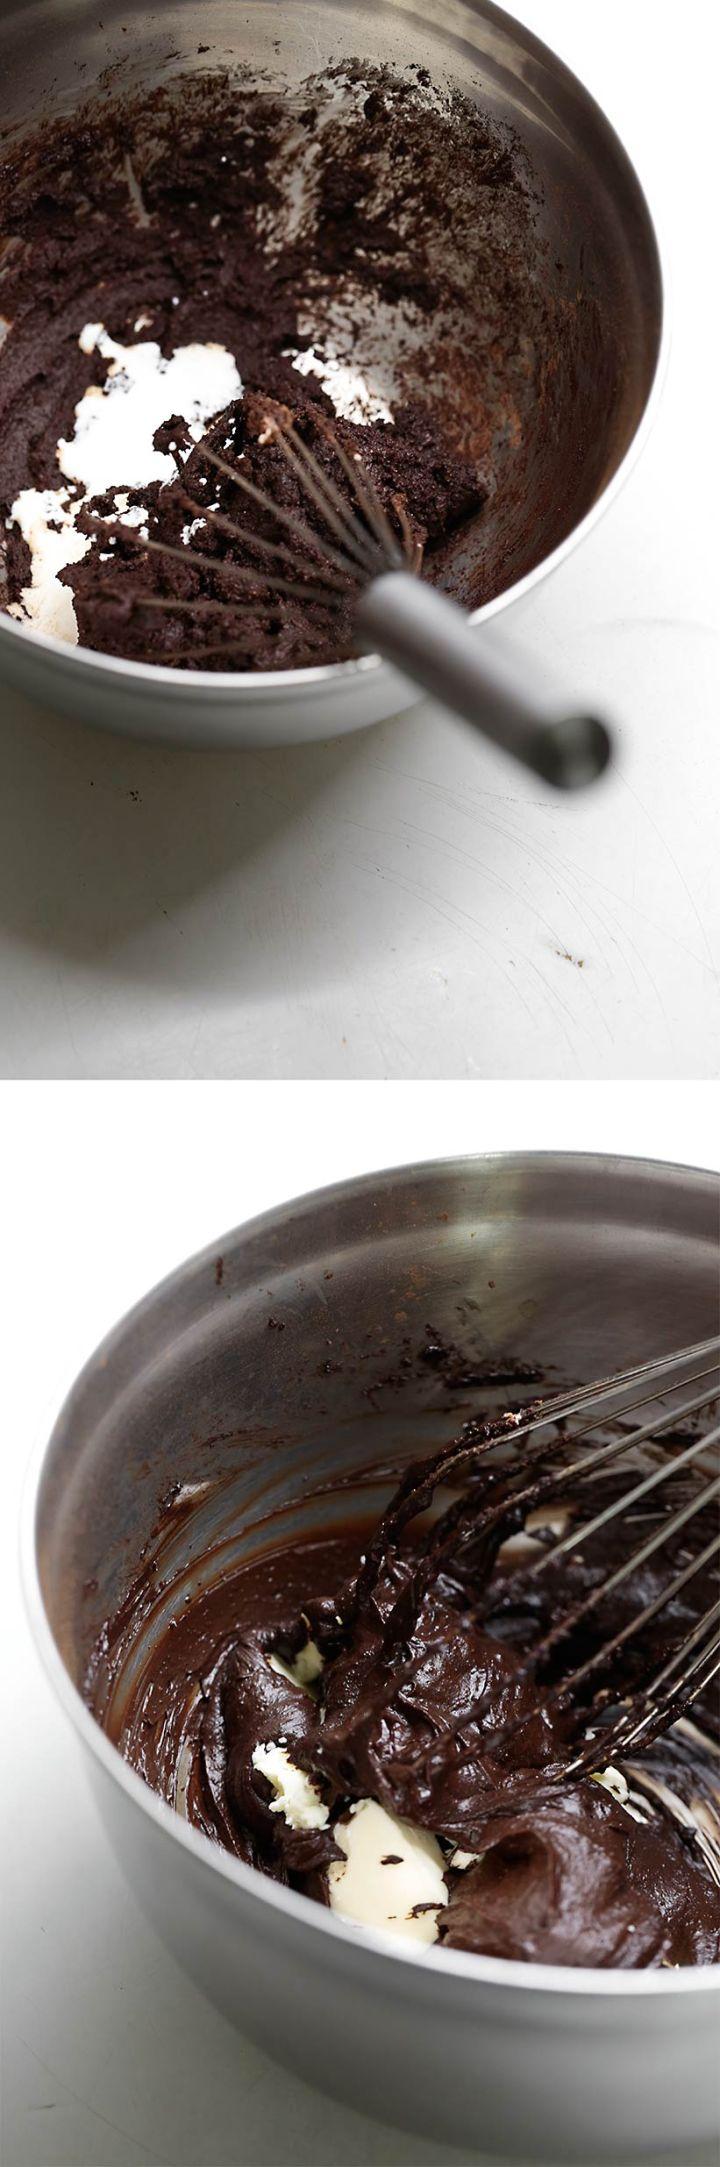 Receta helado de masacrado y calabaza 9